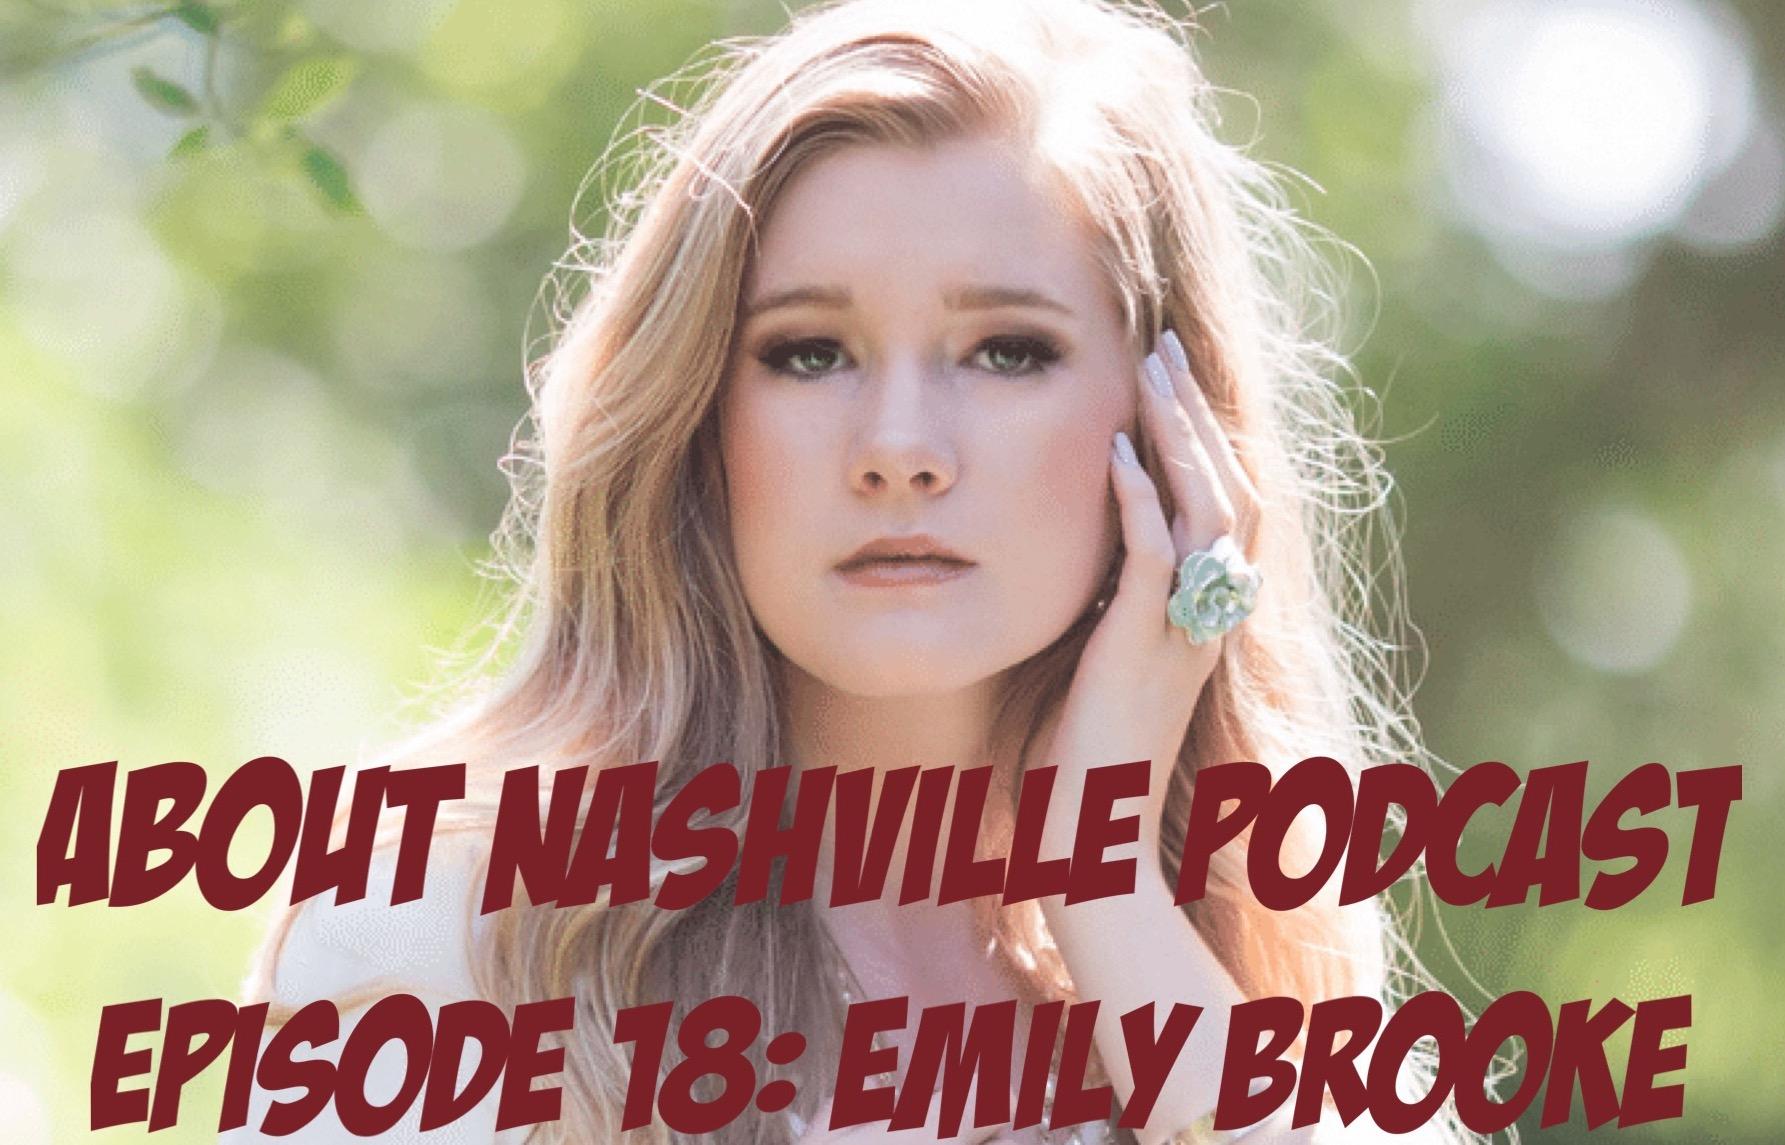 Ep 18: Emily Brooke